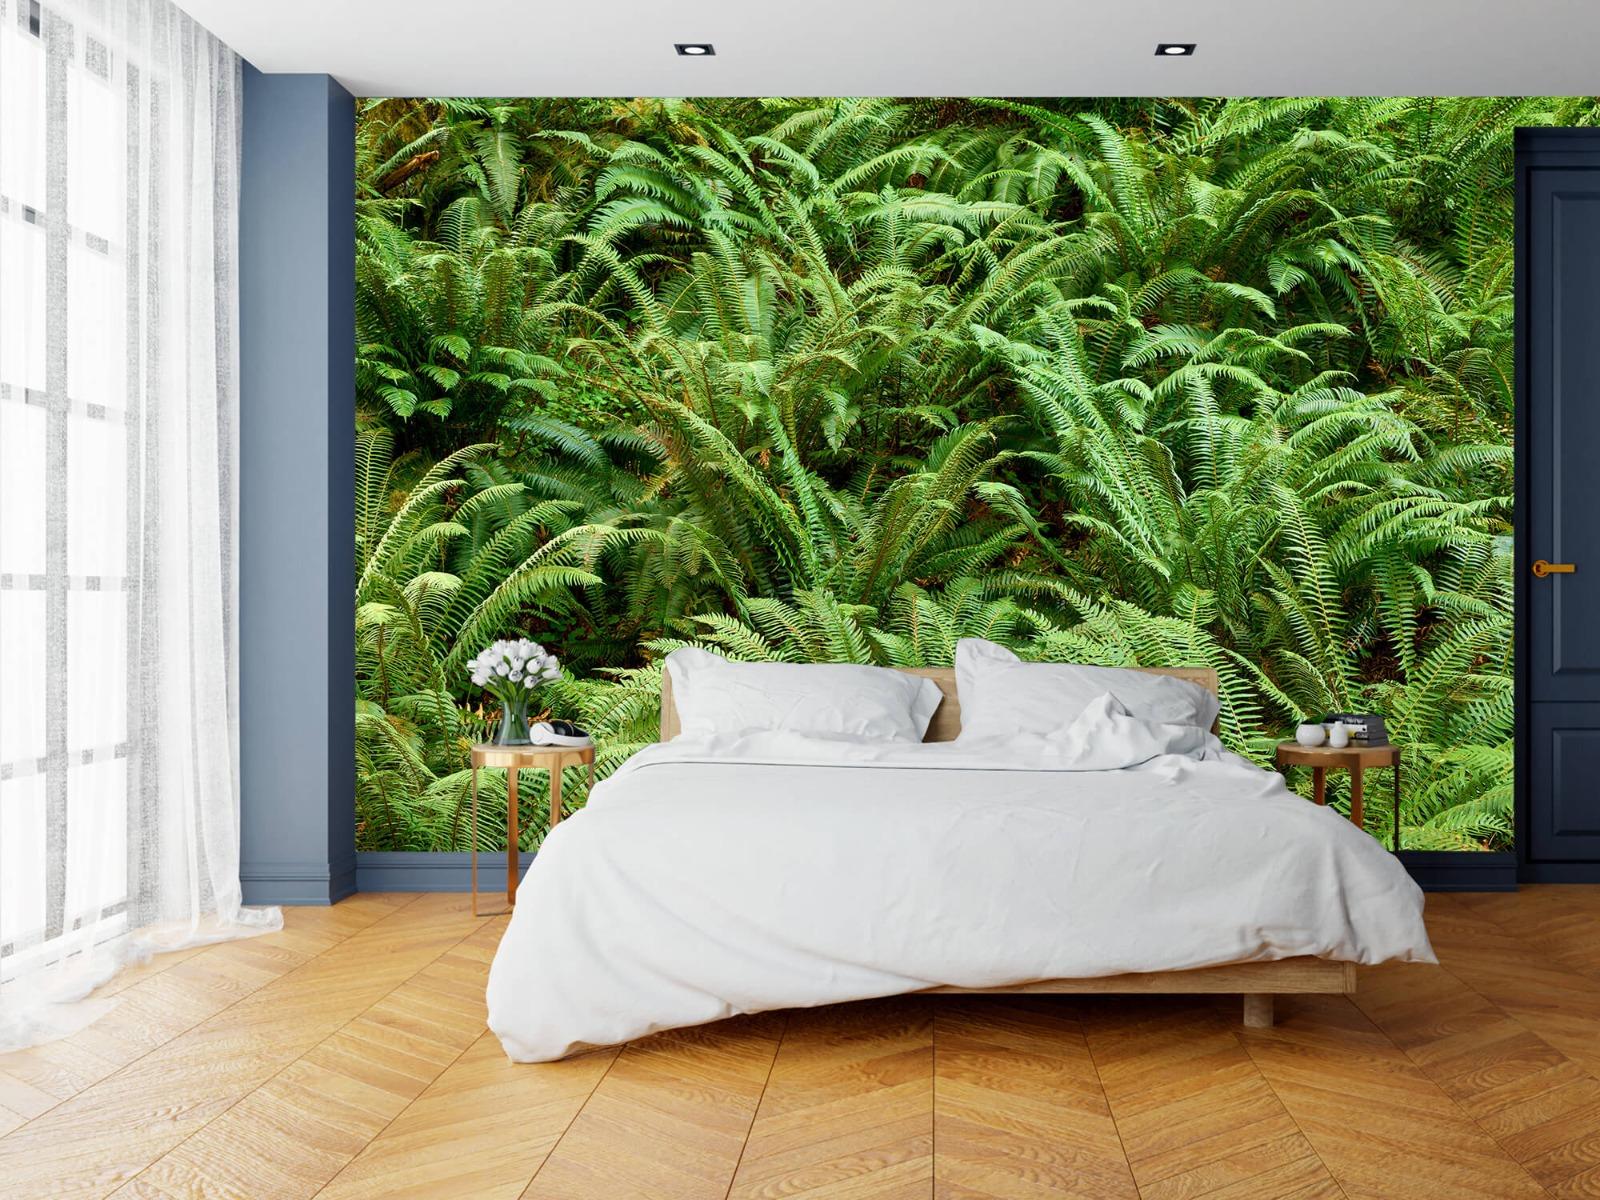 Bladeren - Groene varens - Slaapkamer 13